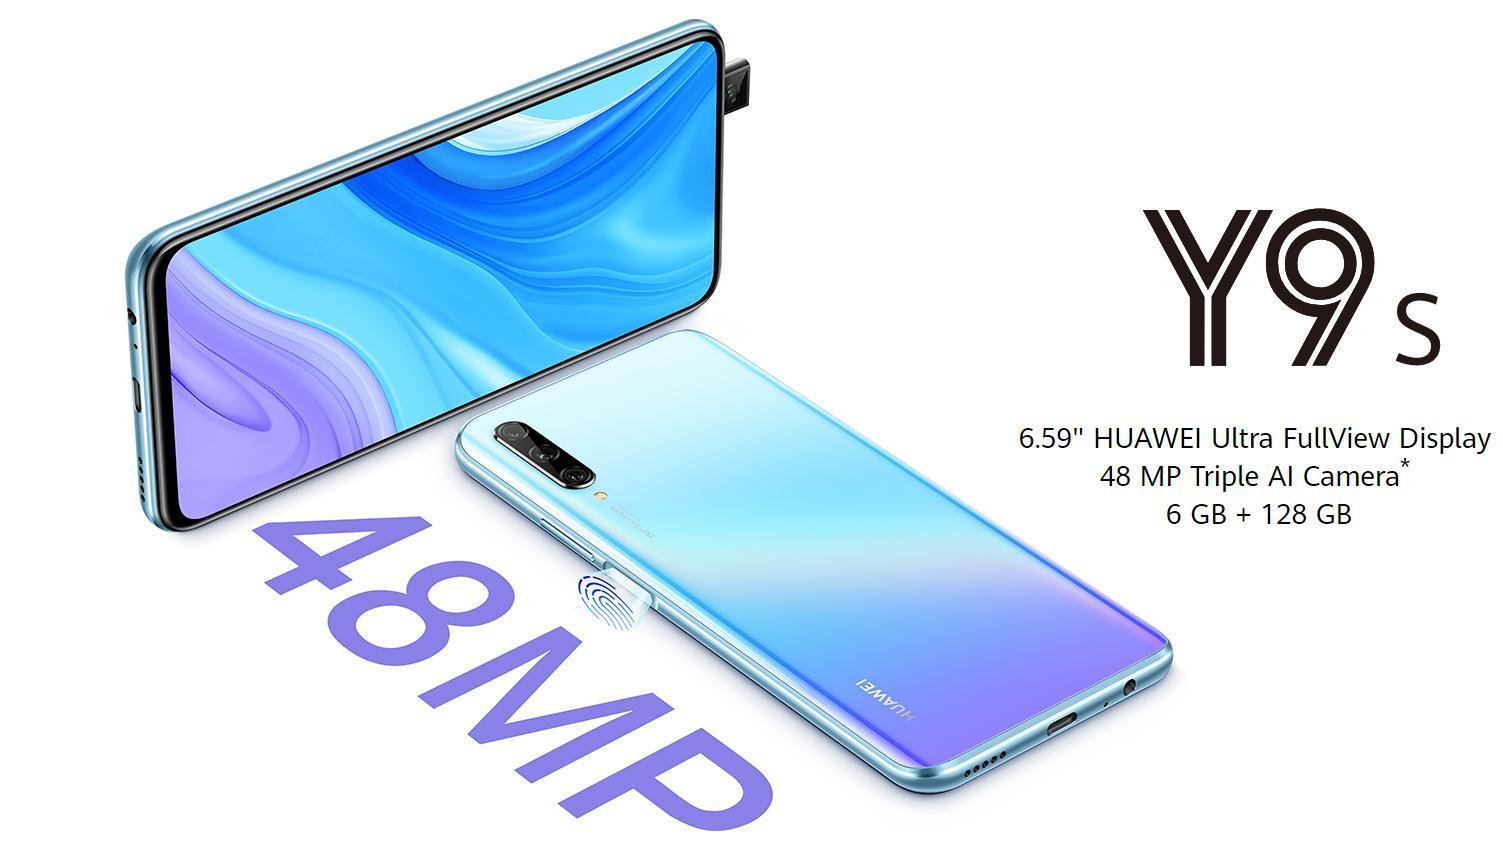 华为Y9s发布,低配版荣耀9X Pro